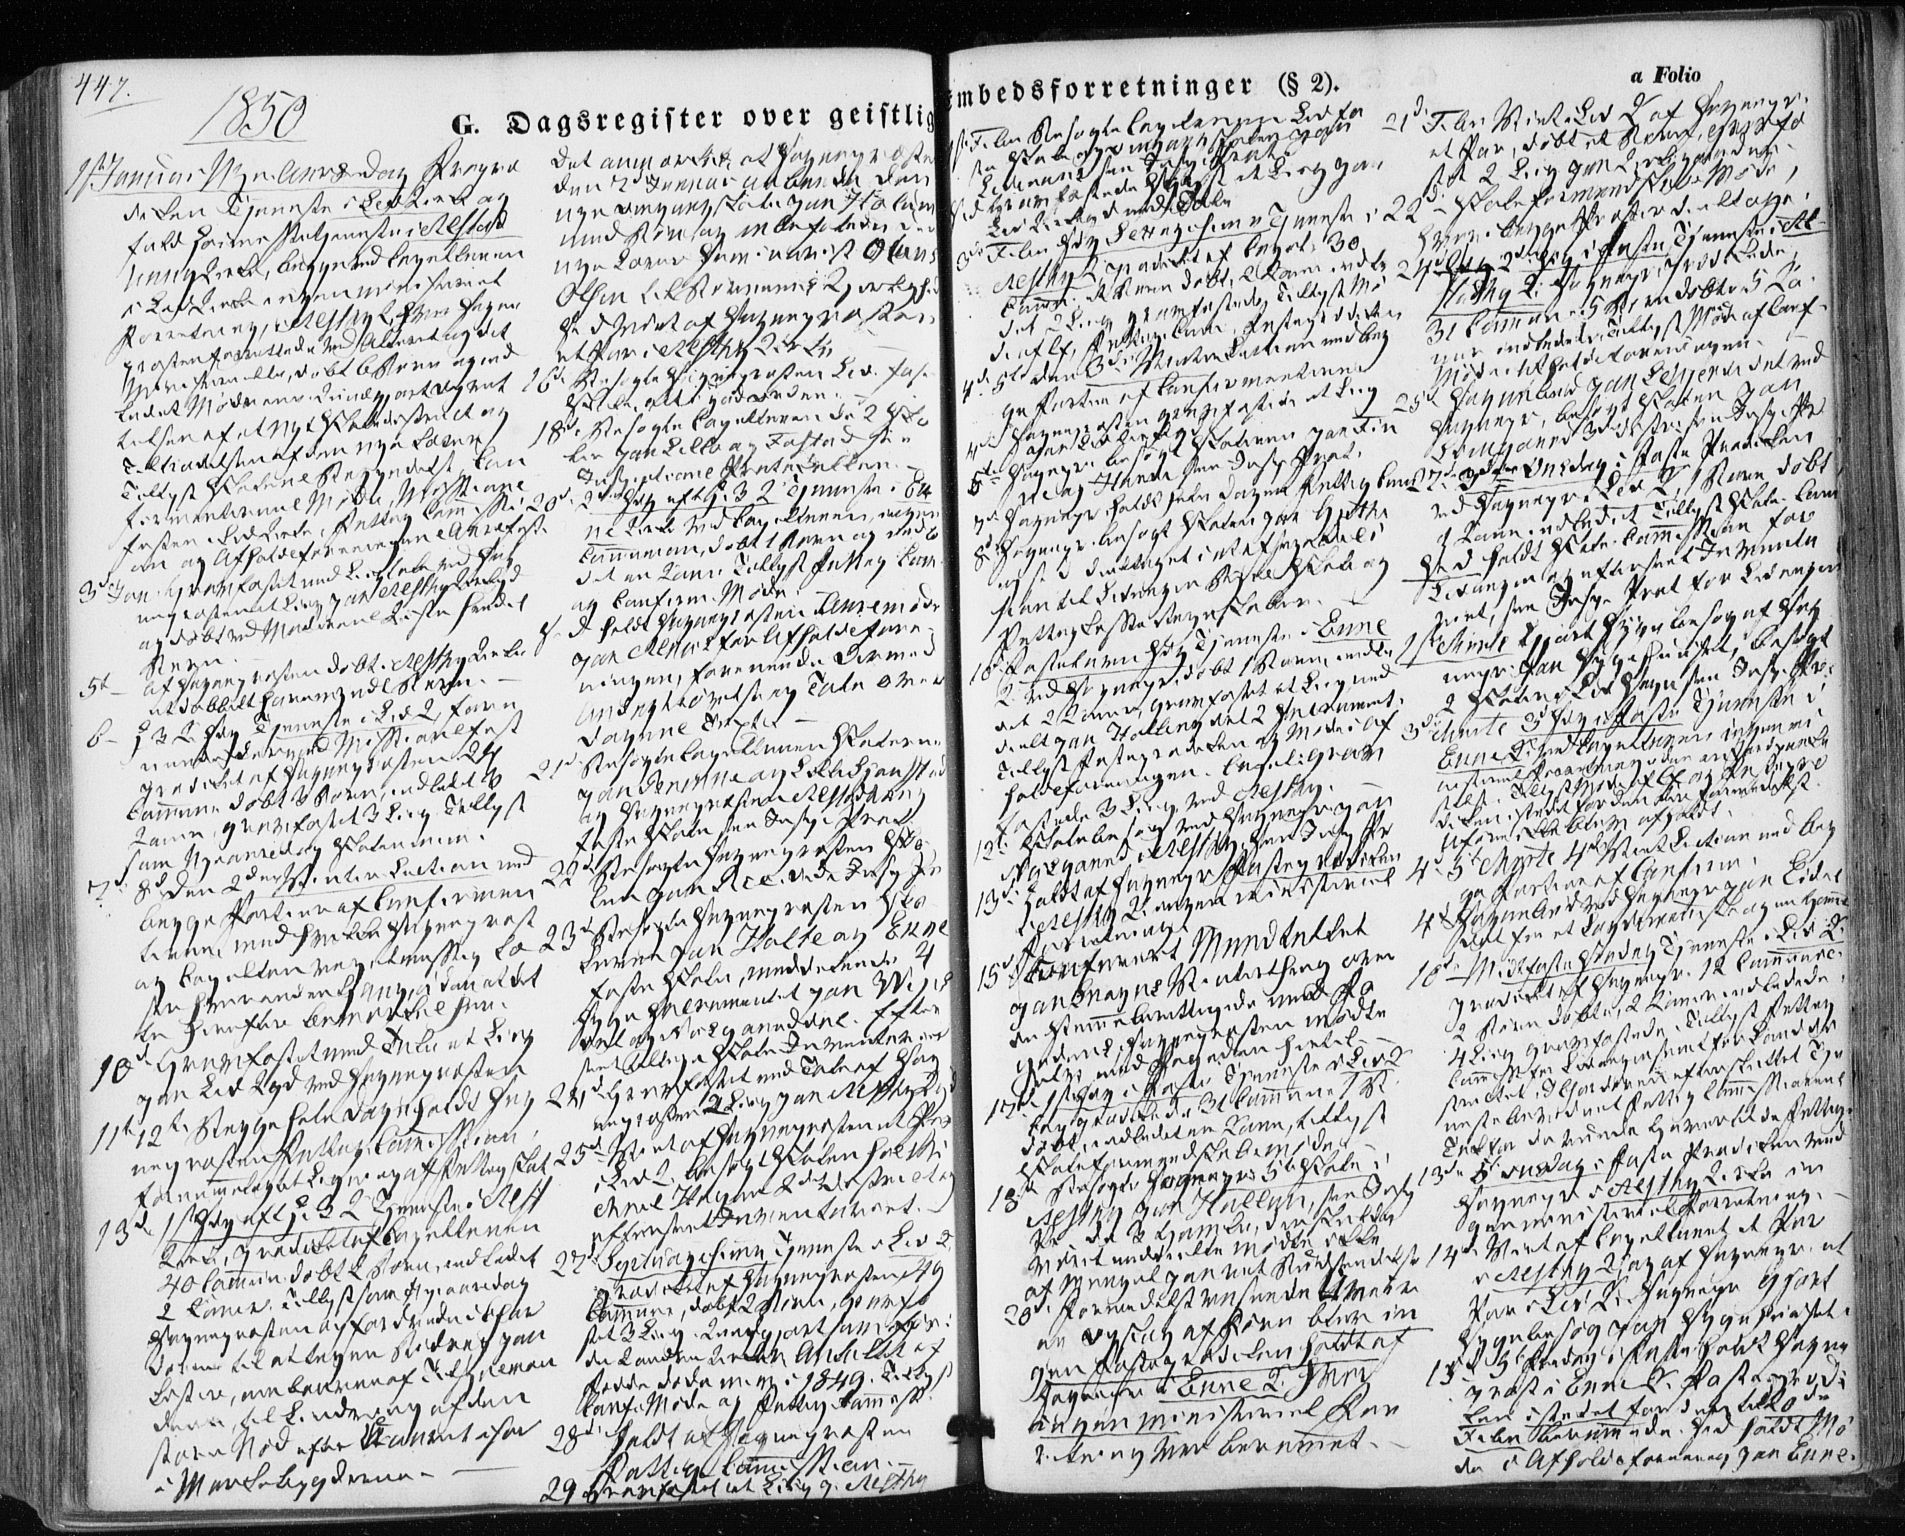 SAT, Ministerialprotokoller, klokkerbøker og fødselsregistre - Nord-Trøndelag, 717/L0154: Ministerialbok nr. 717A07 /1, 1850-1862, s. 447